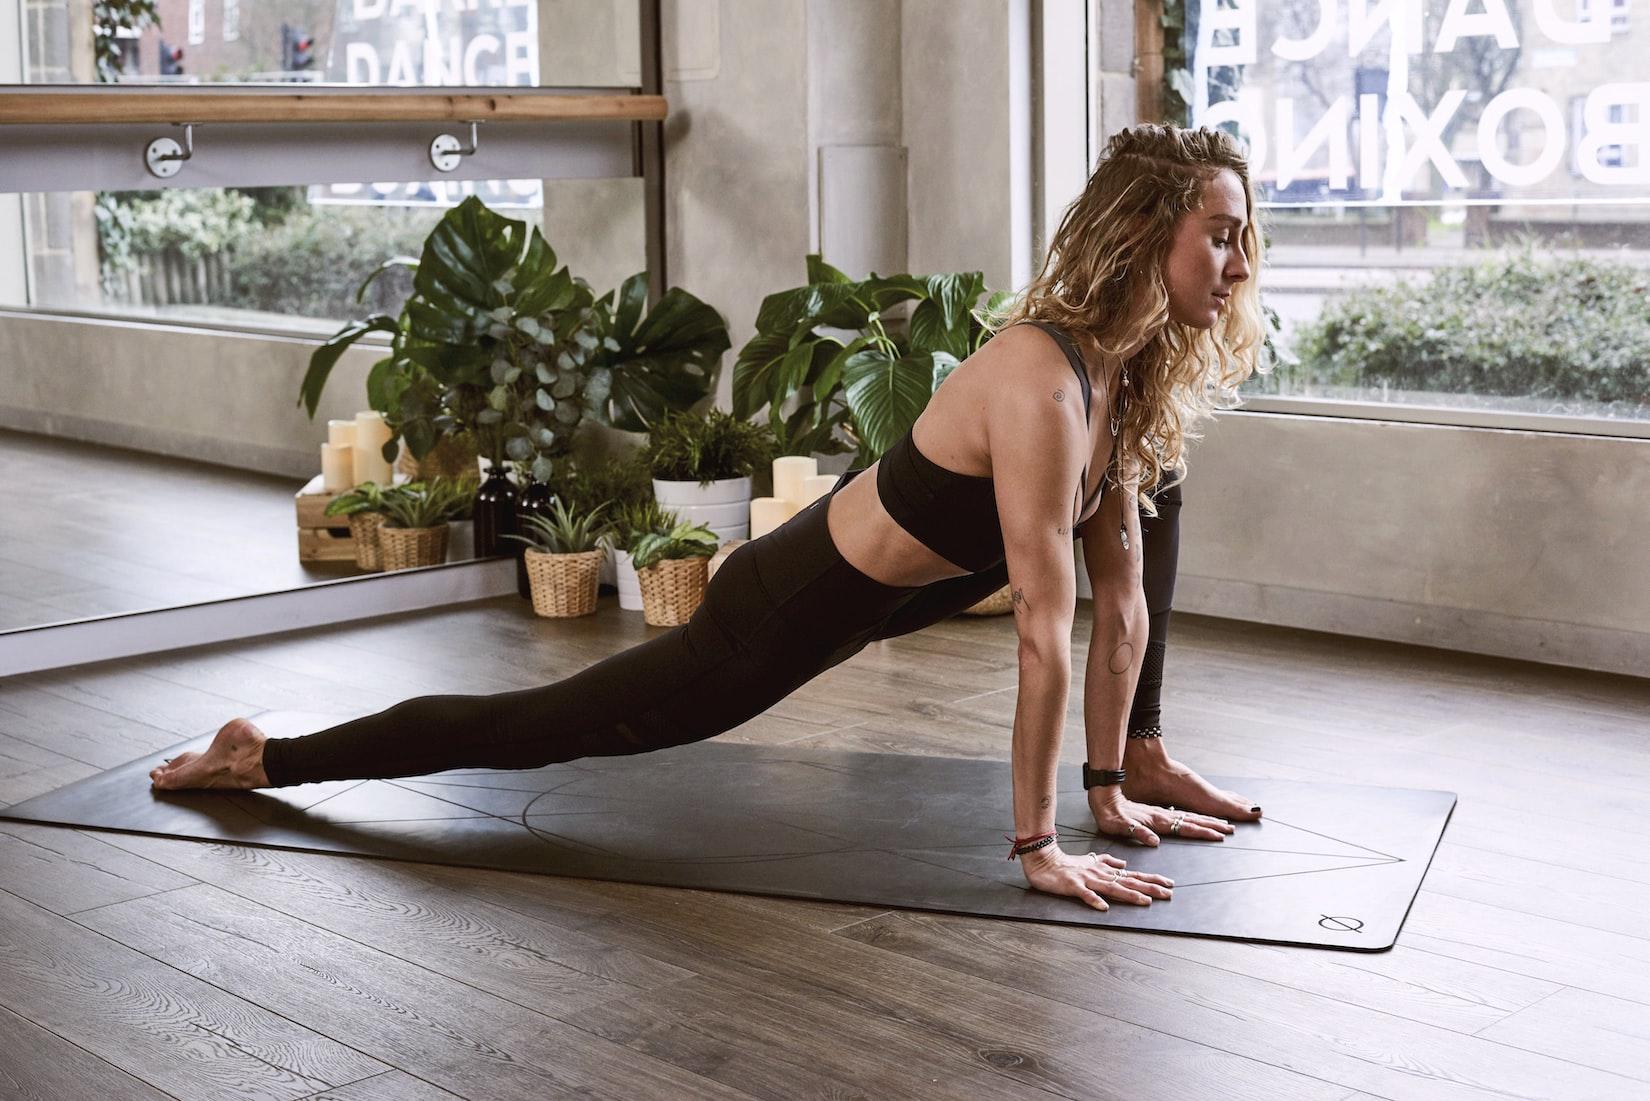 Una chica haciendo una postura de yoga para ilustrar 7 regalos muy originales anti-estres